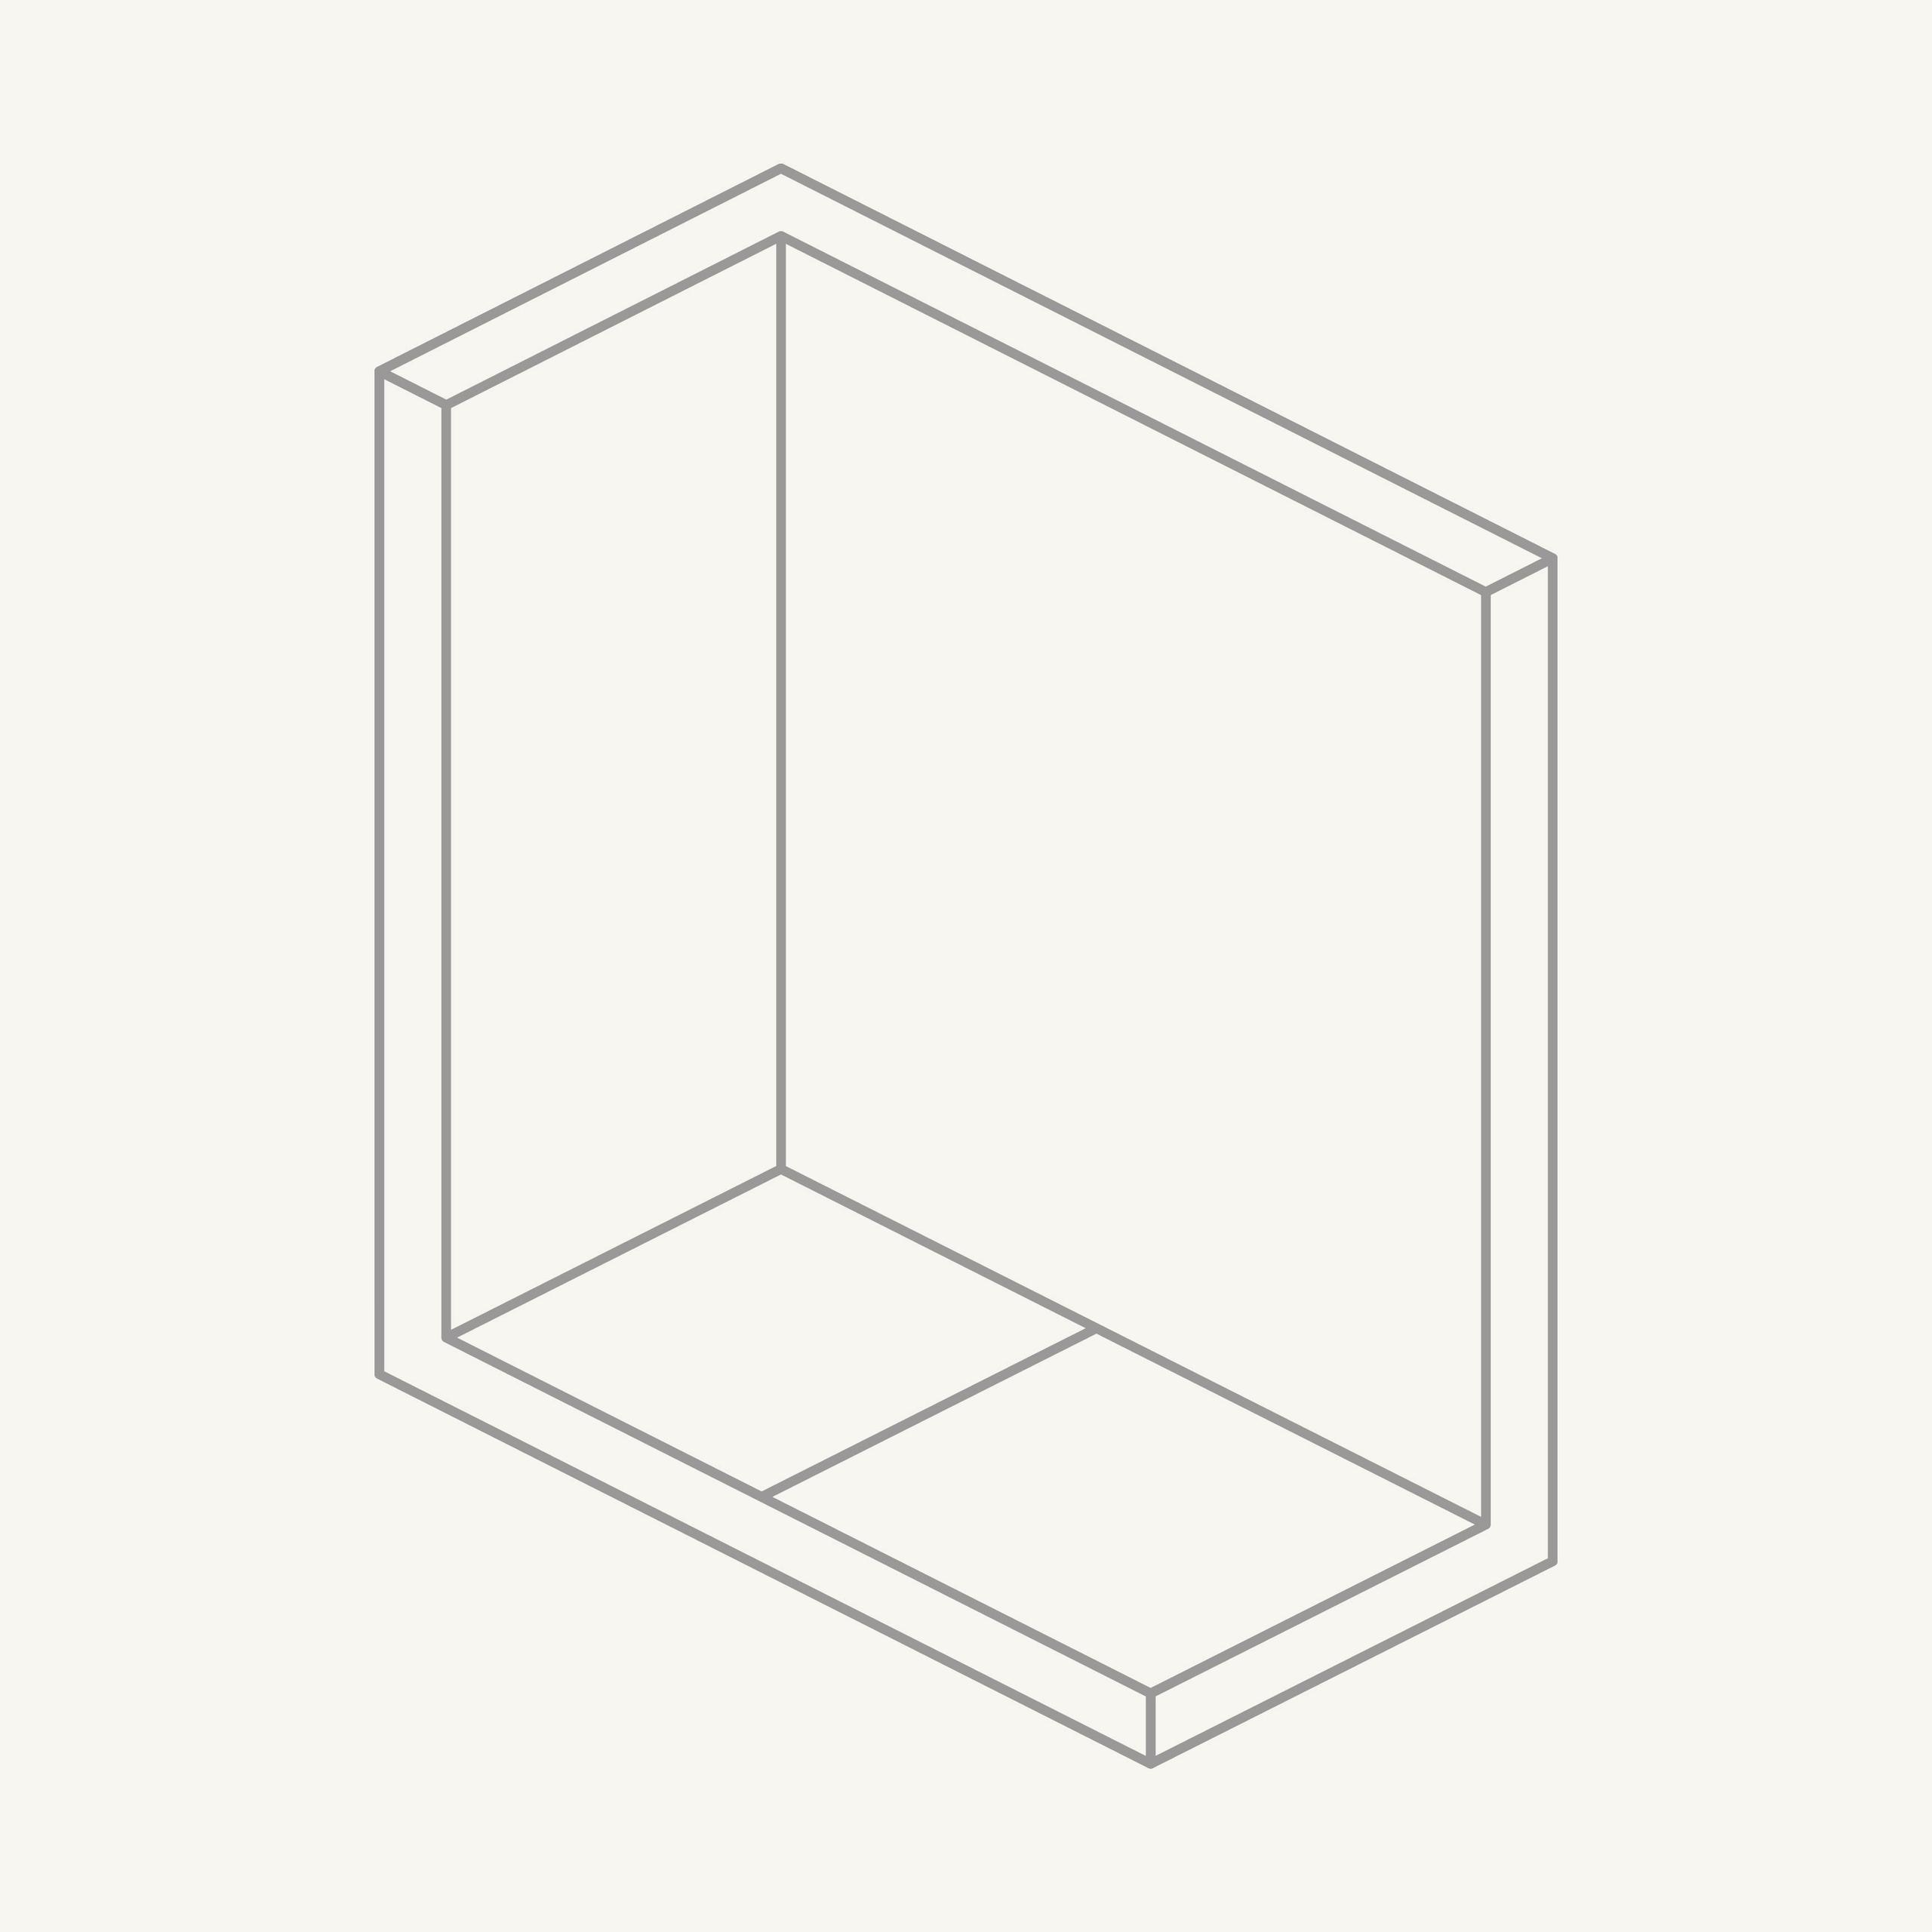 Platos cuadrado/rectangular